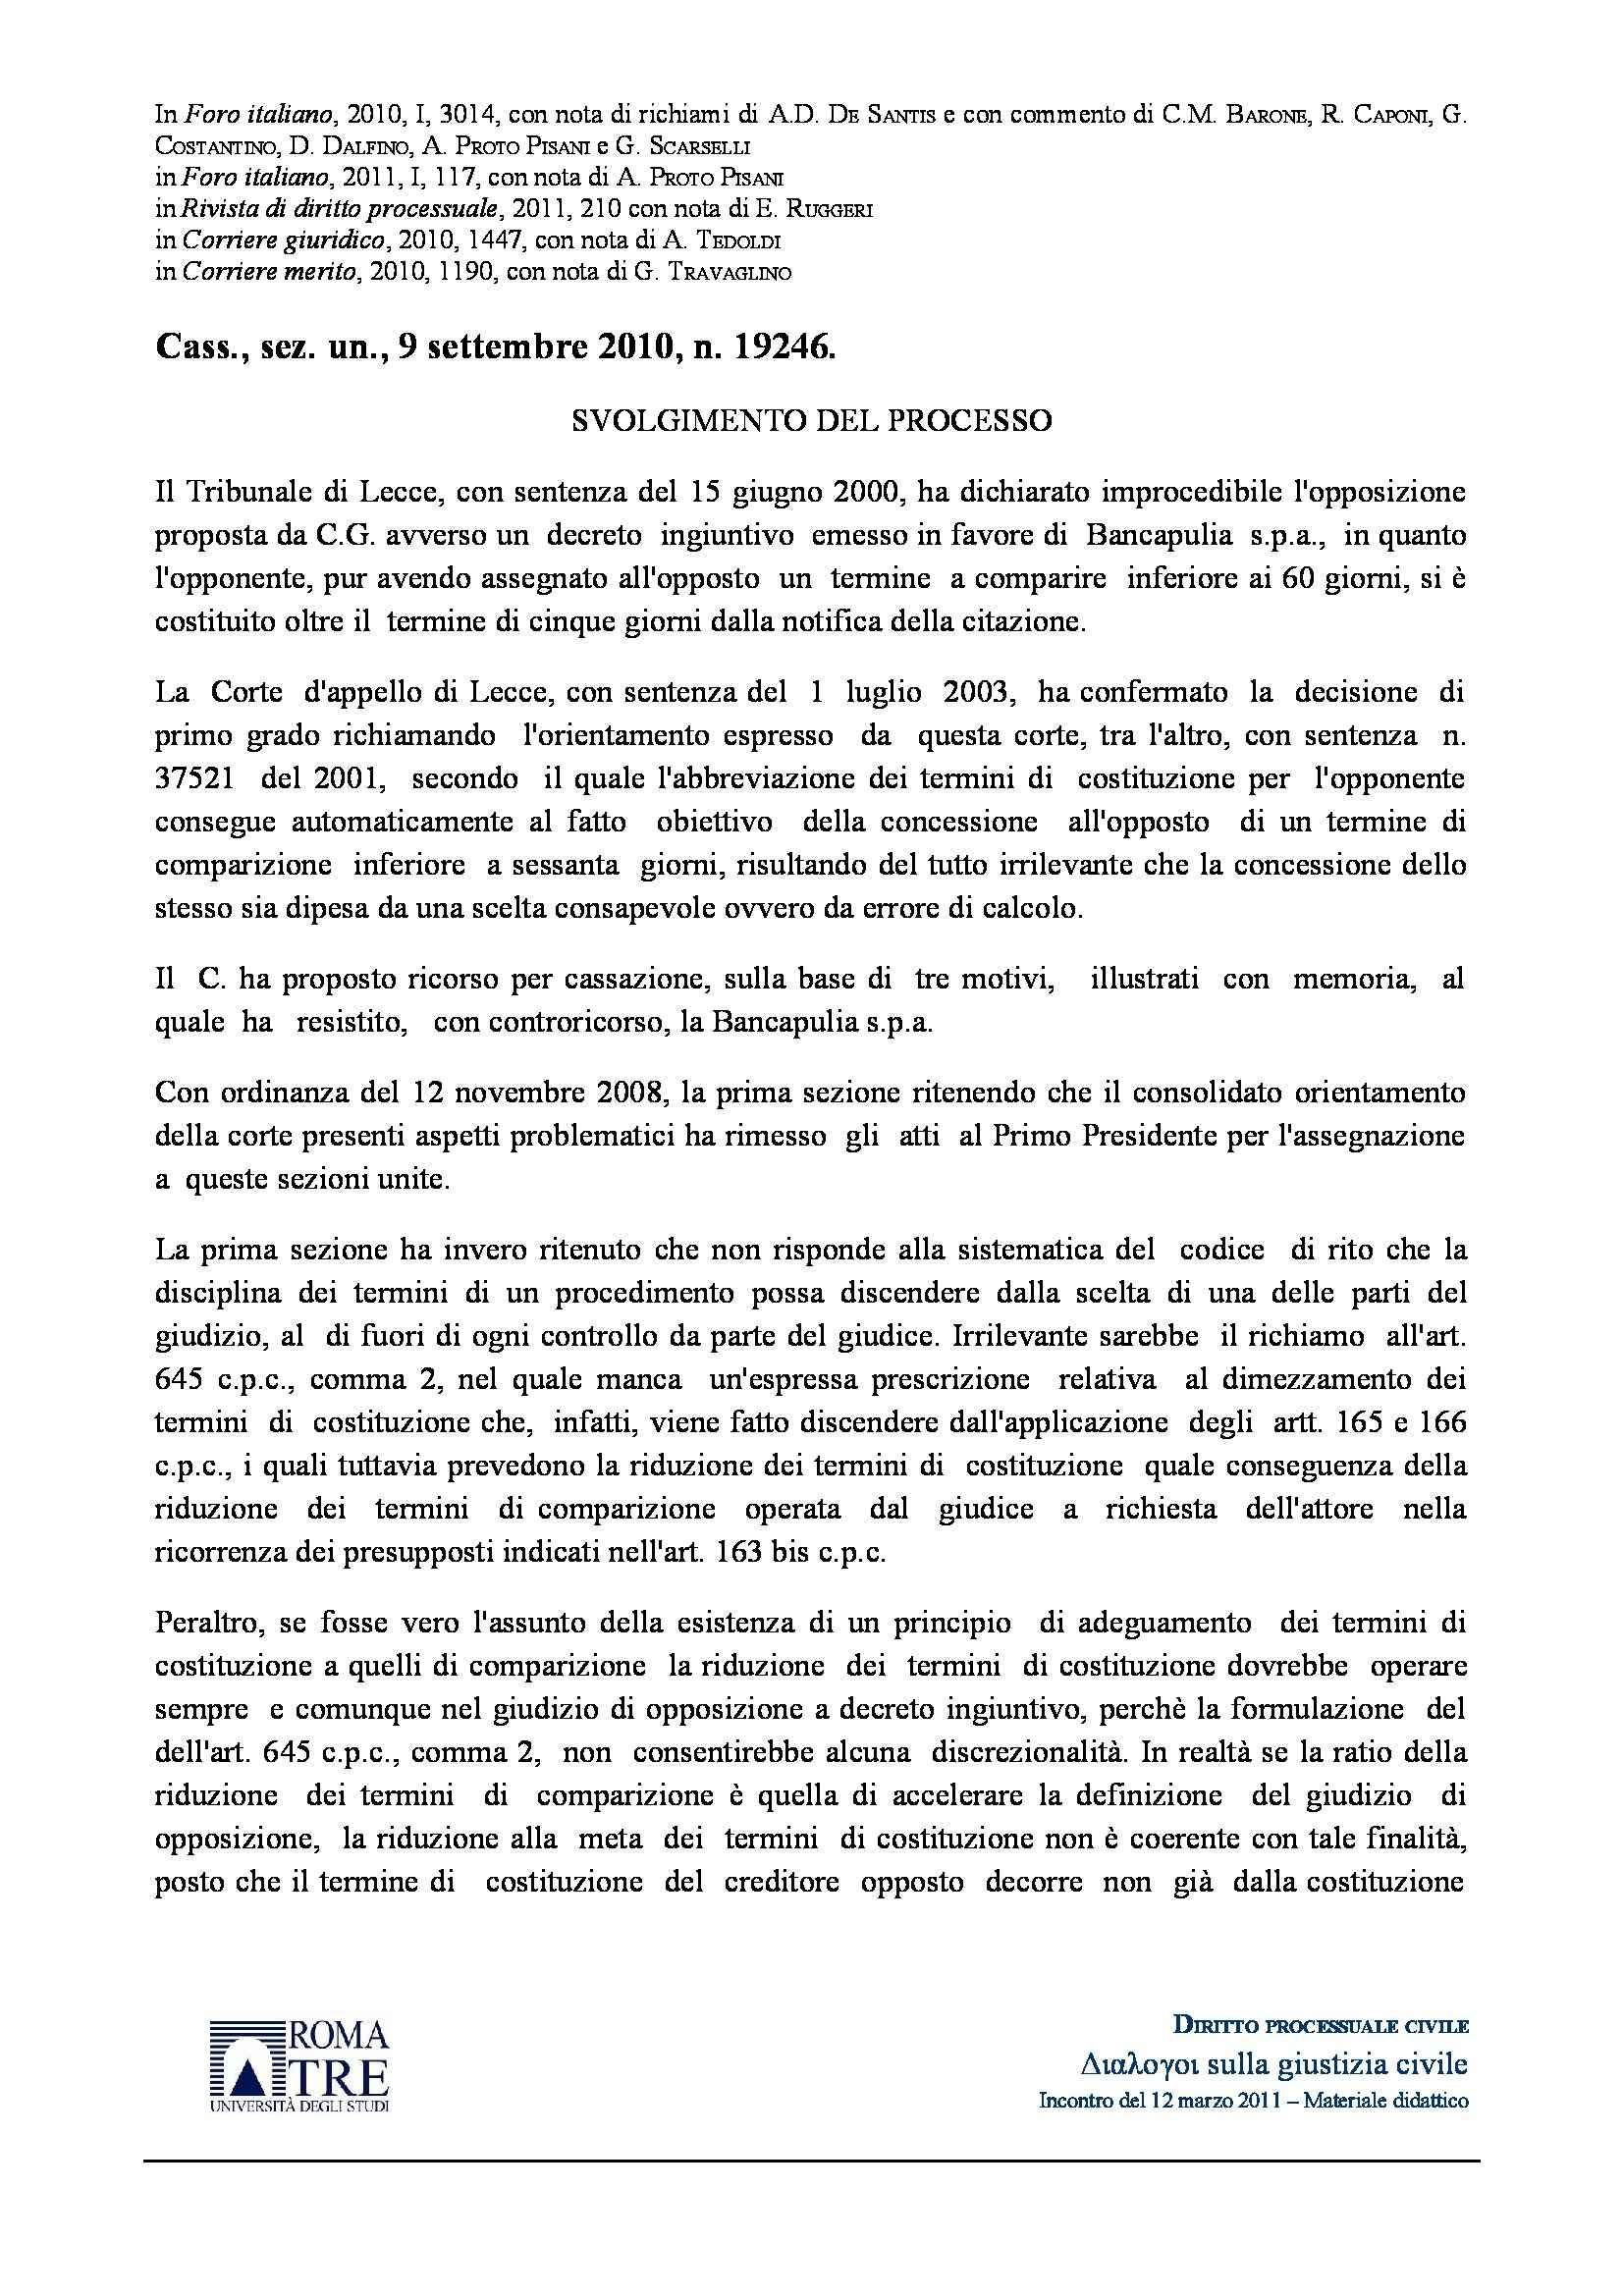 Opposizione decreto ingiuntivo e termini - C.Cass. n. 19246/10